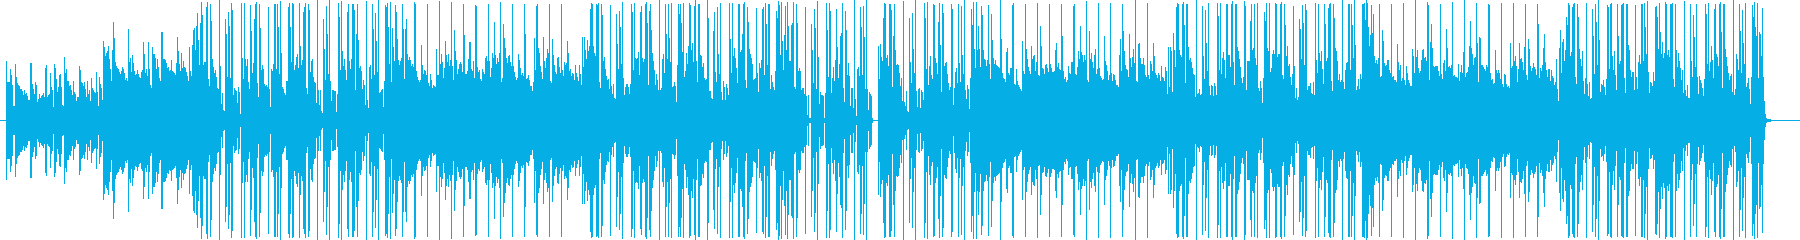 クールなギターヒップホップトラック♪の再生済みの波形